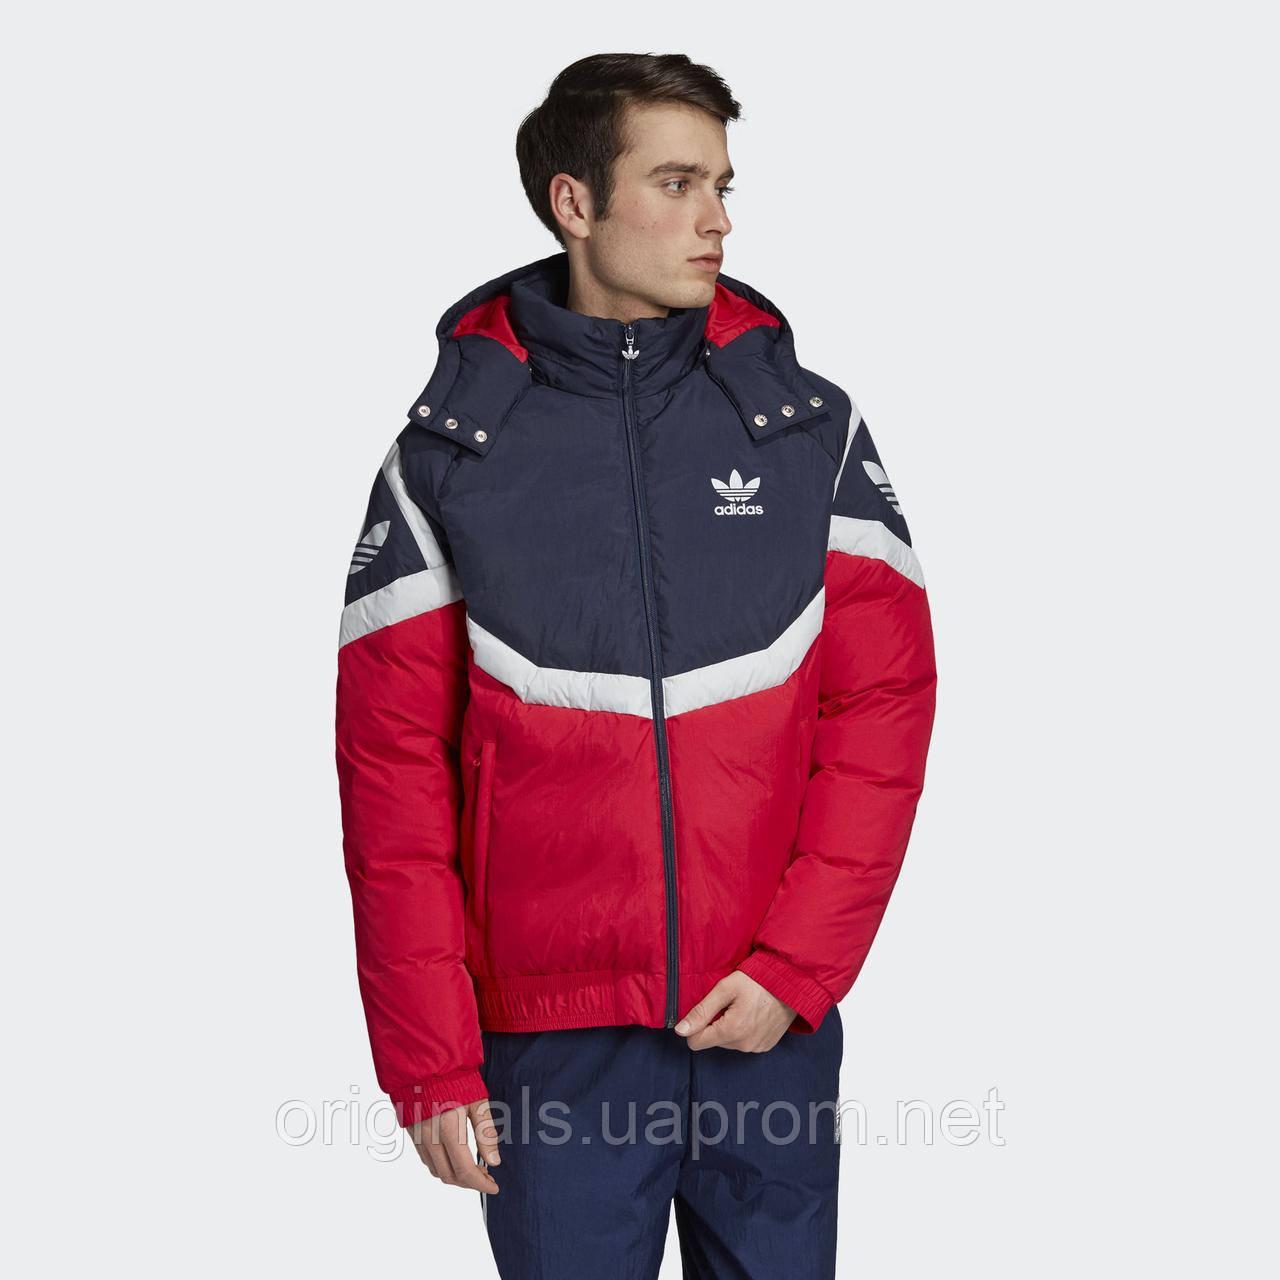 fe227bd0ecb16 Мужской пуховик adidas Originals Down Jacket EC3664 - 2019 -  интернет-магазин Originals - Оригинальный